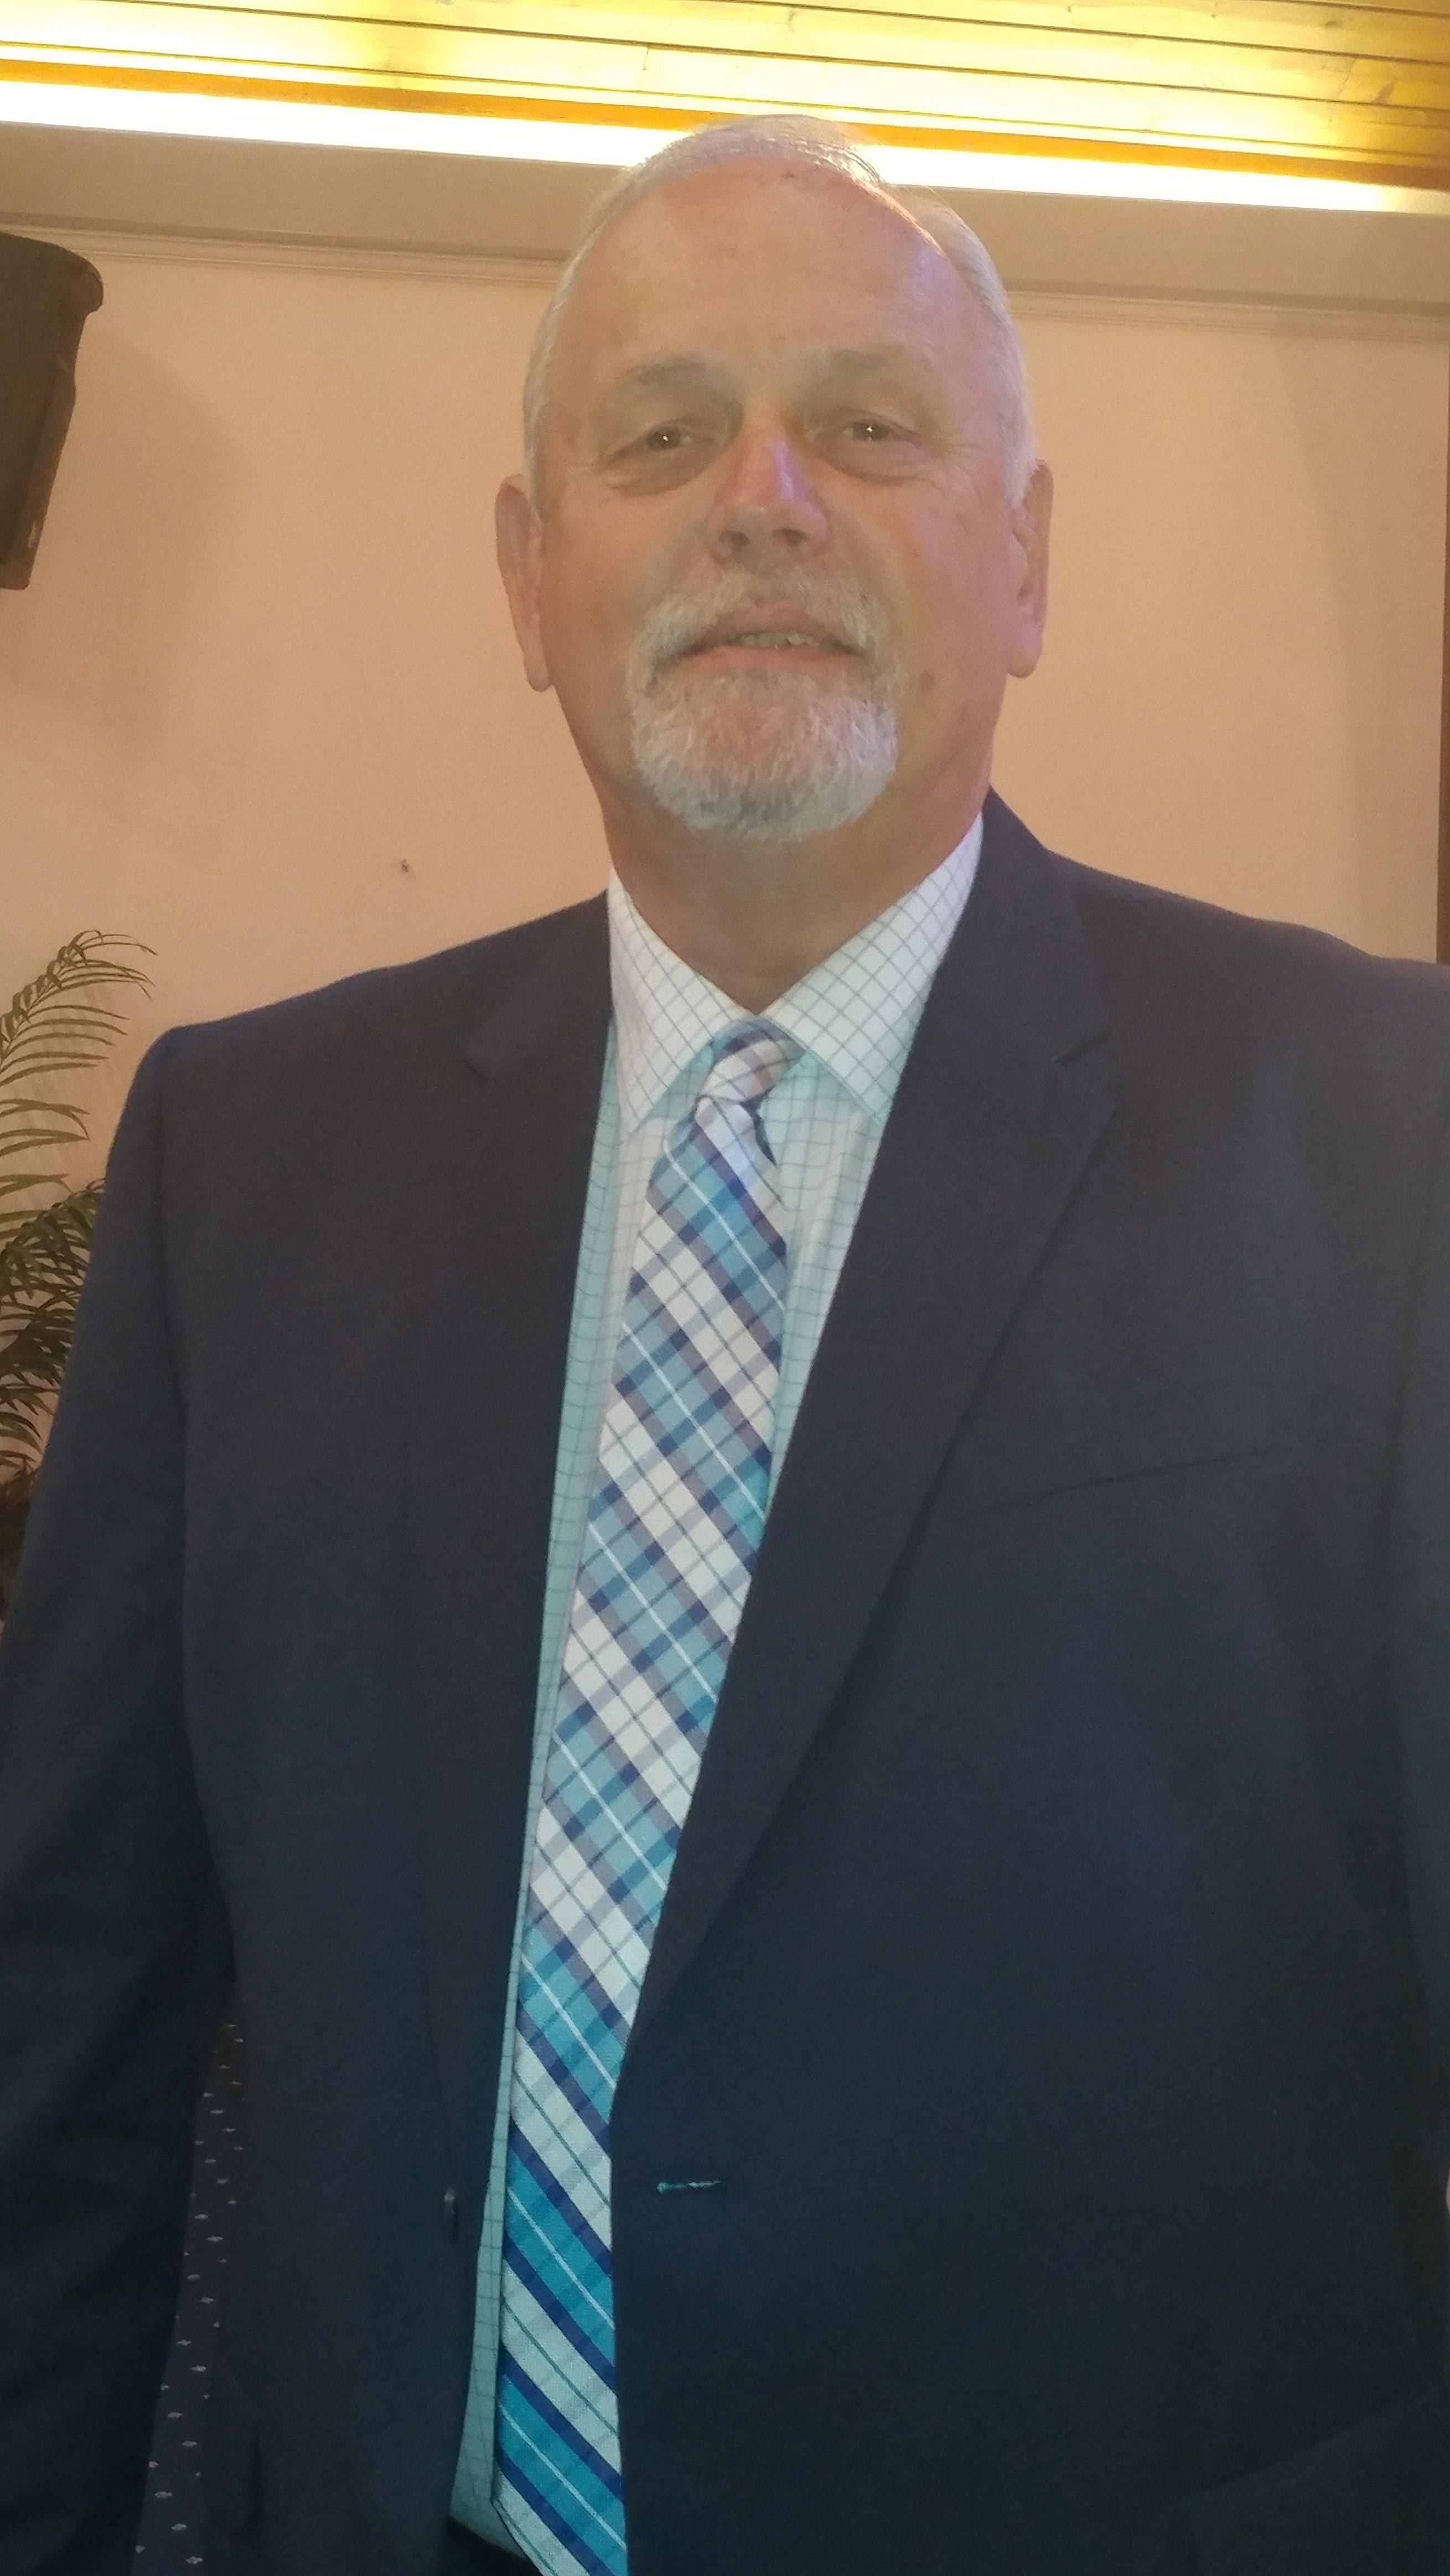 David Hatcher